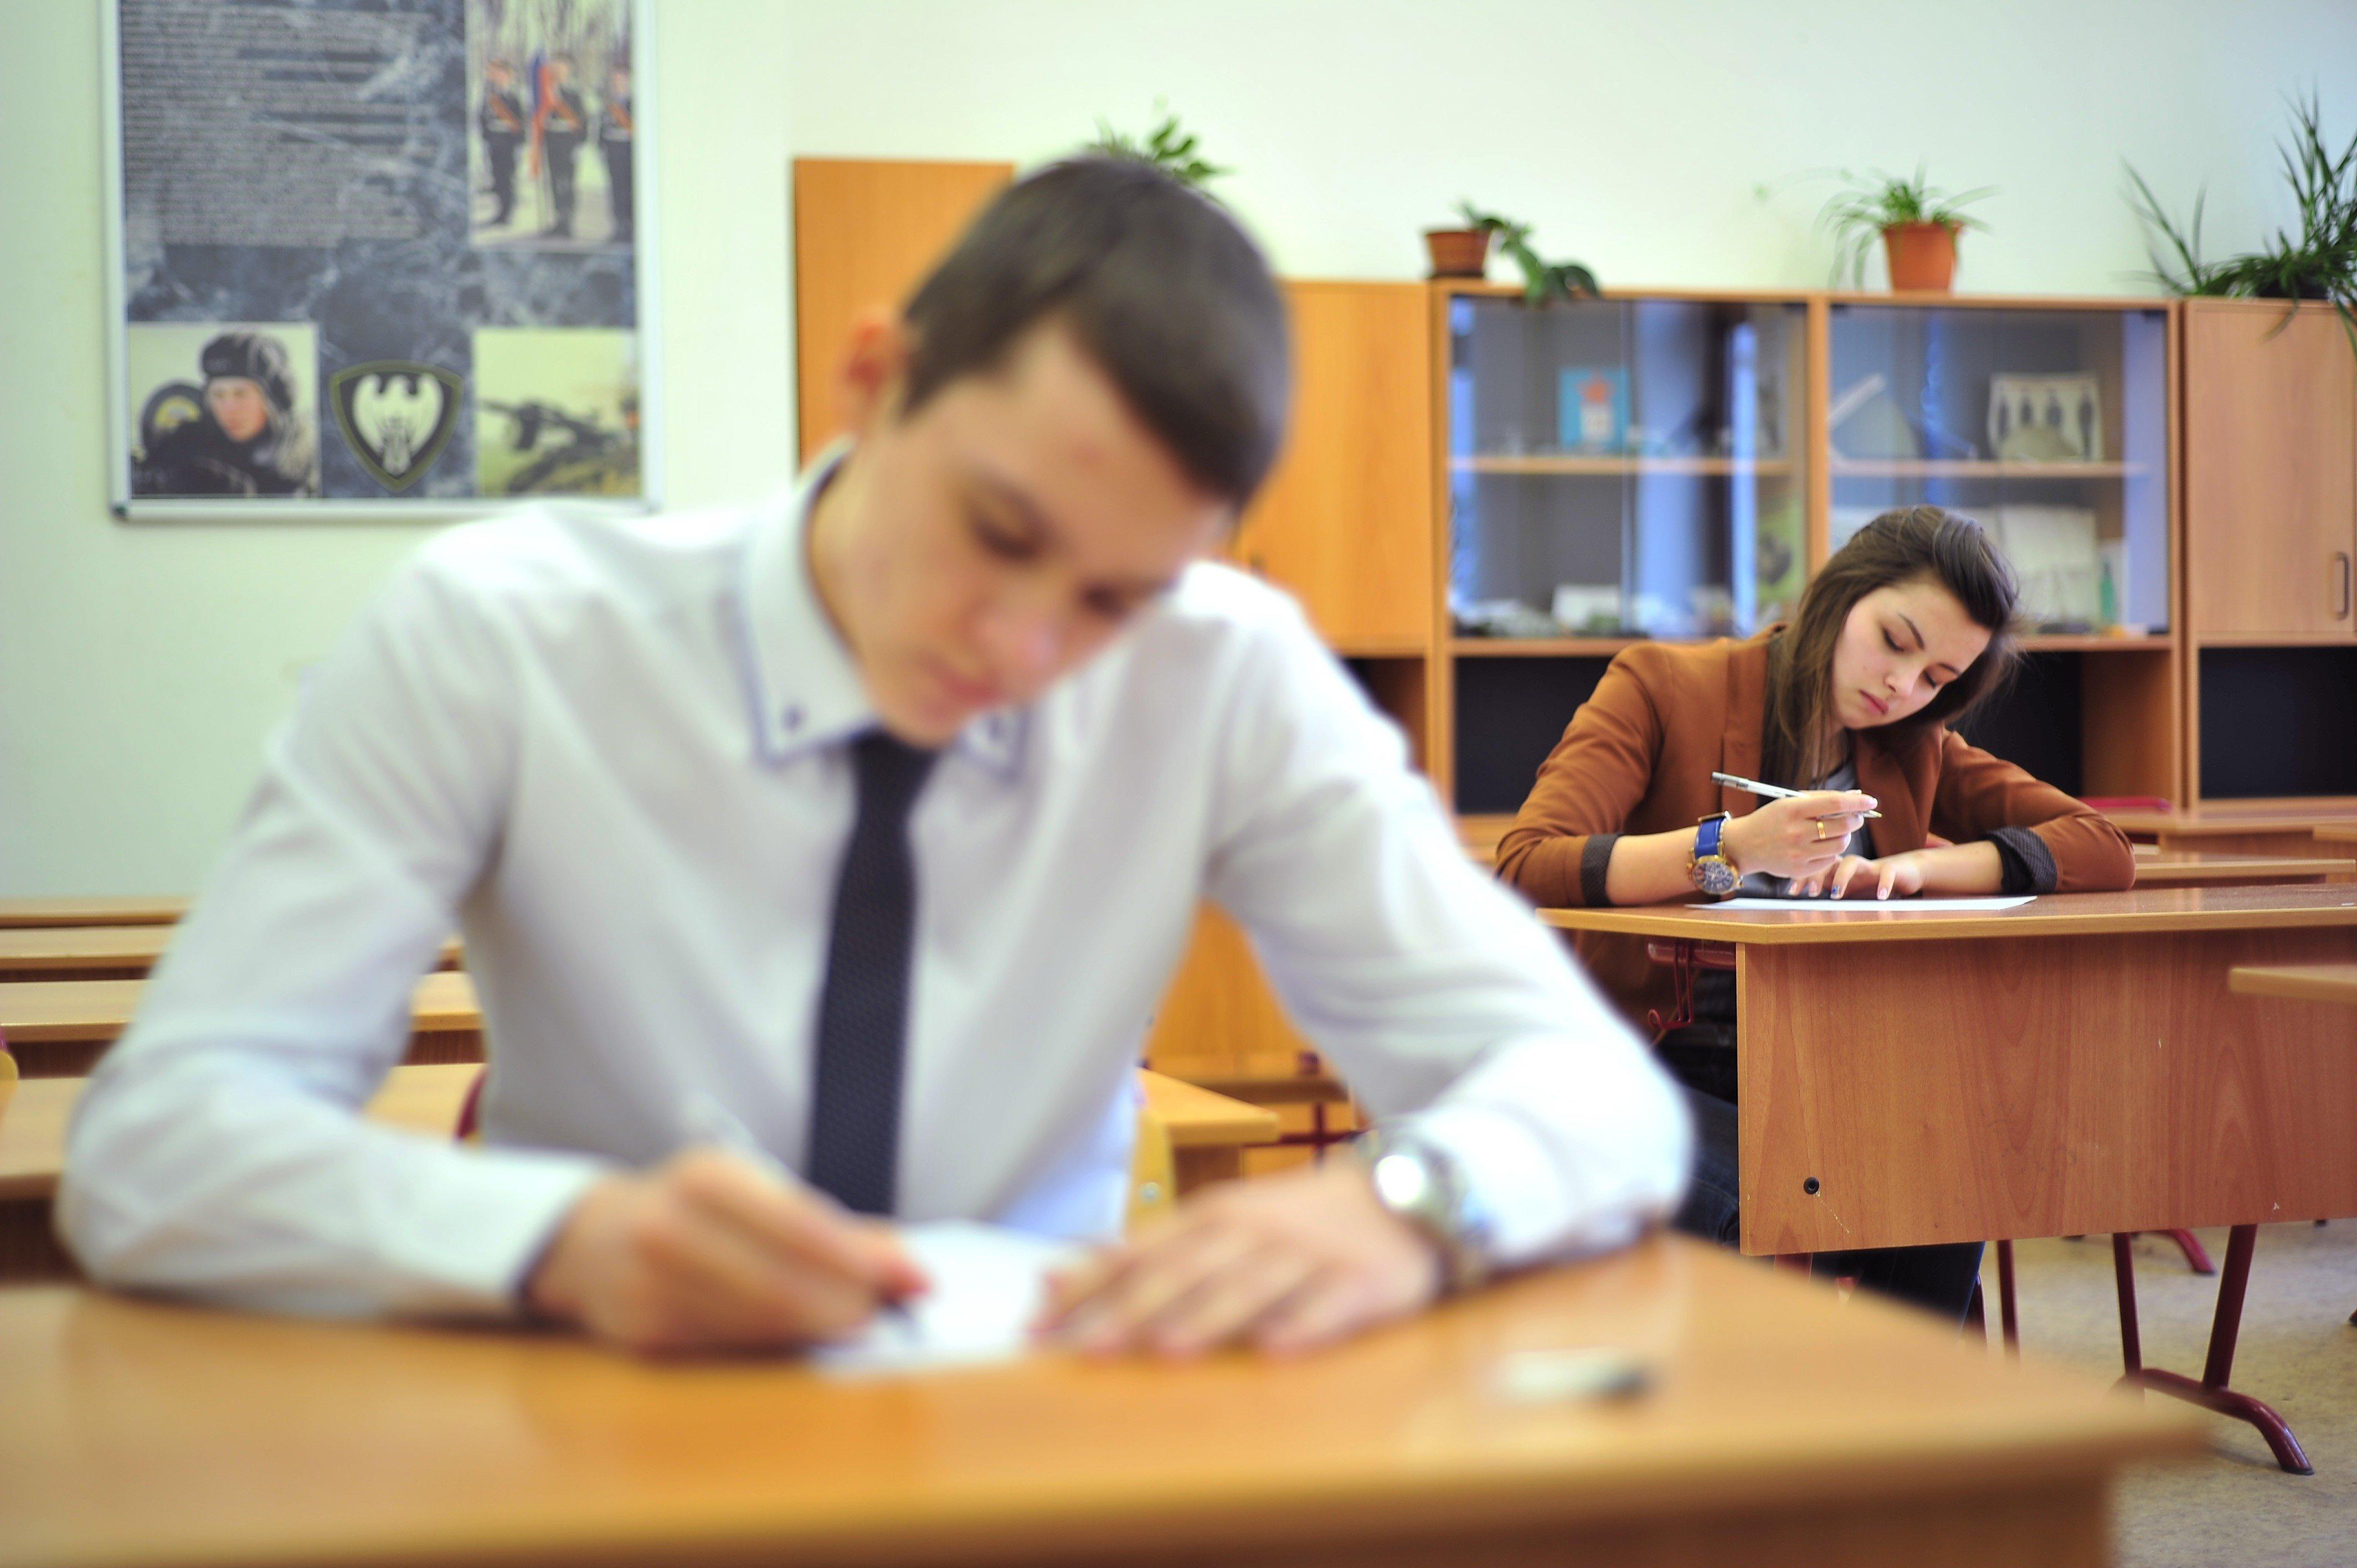 Названы ошибки, которые чаще всего допускают на ЕГЭ по русскому языку. В топе слабых мест — запятые и фамилии писателей